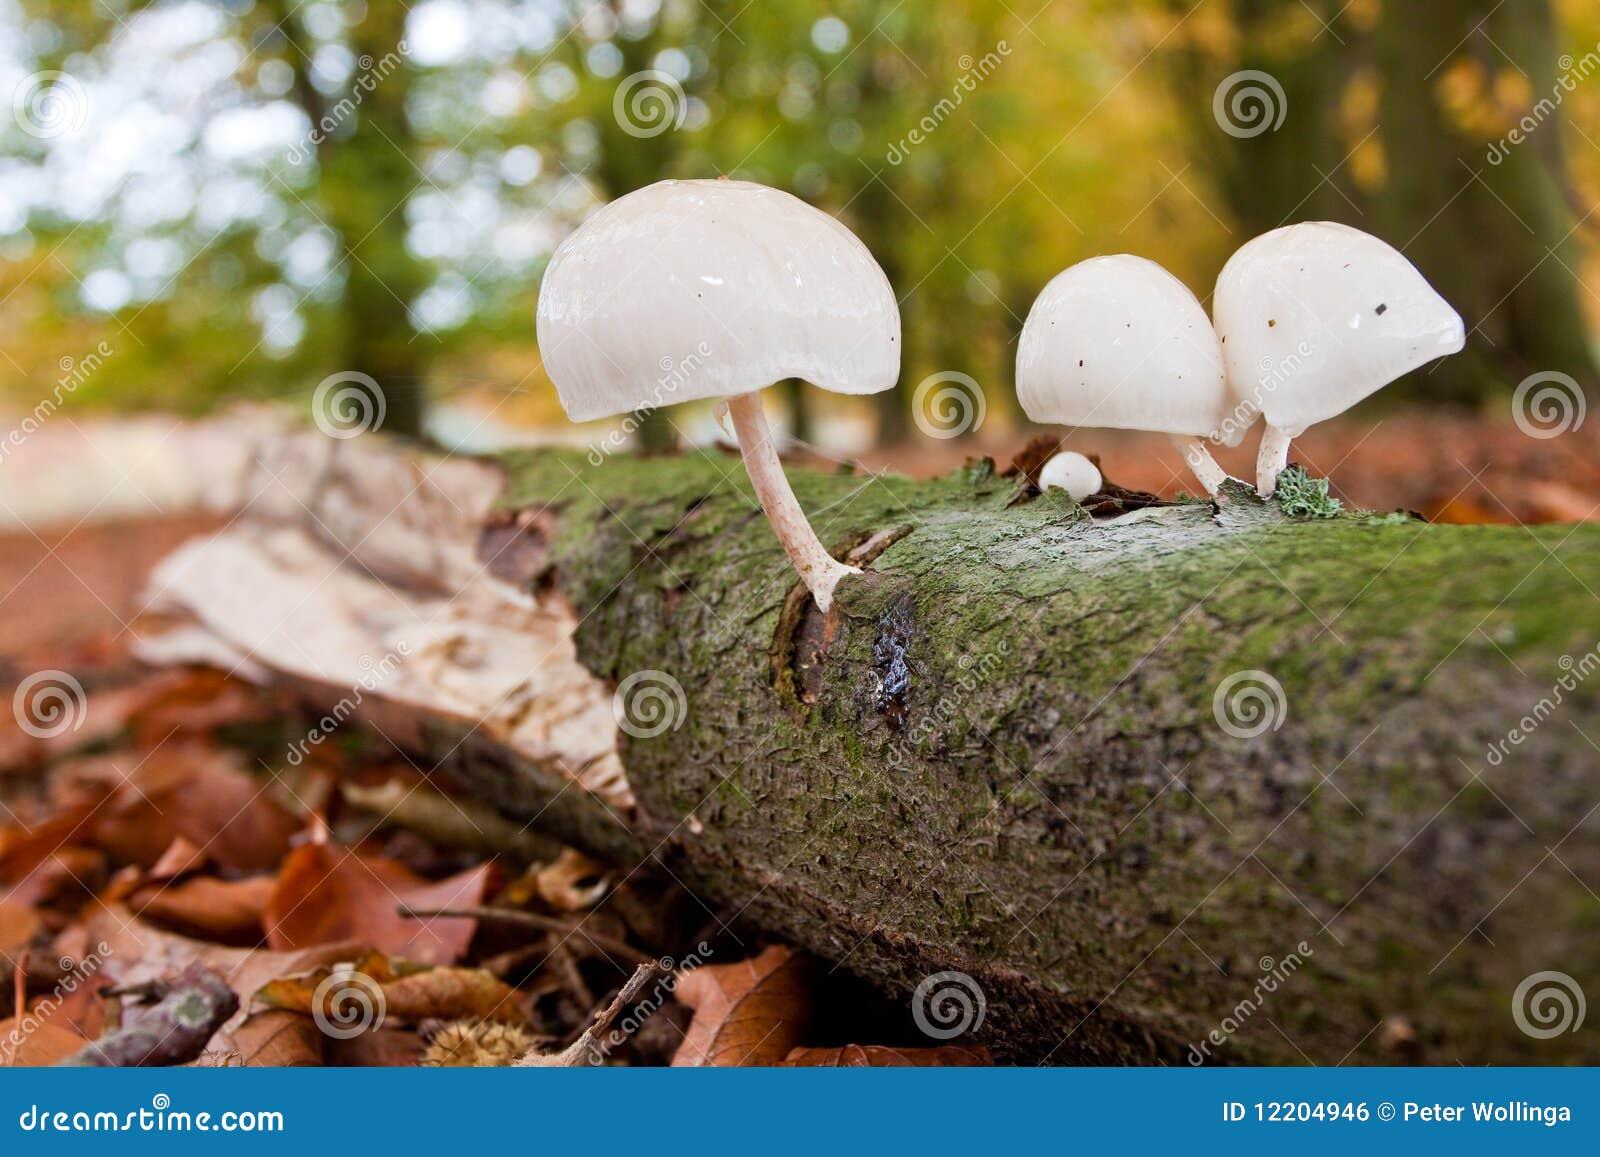 Champignons de couche blancs sur un branchement